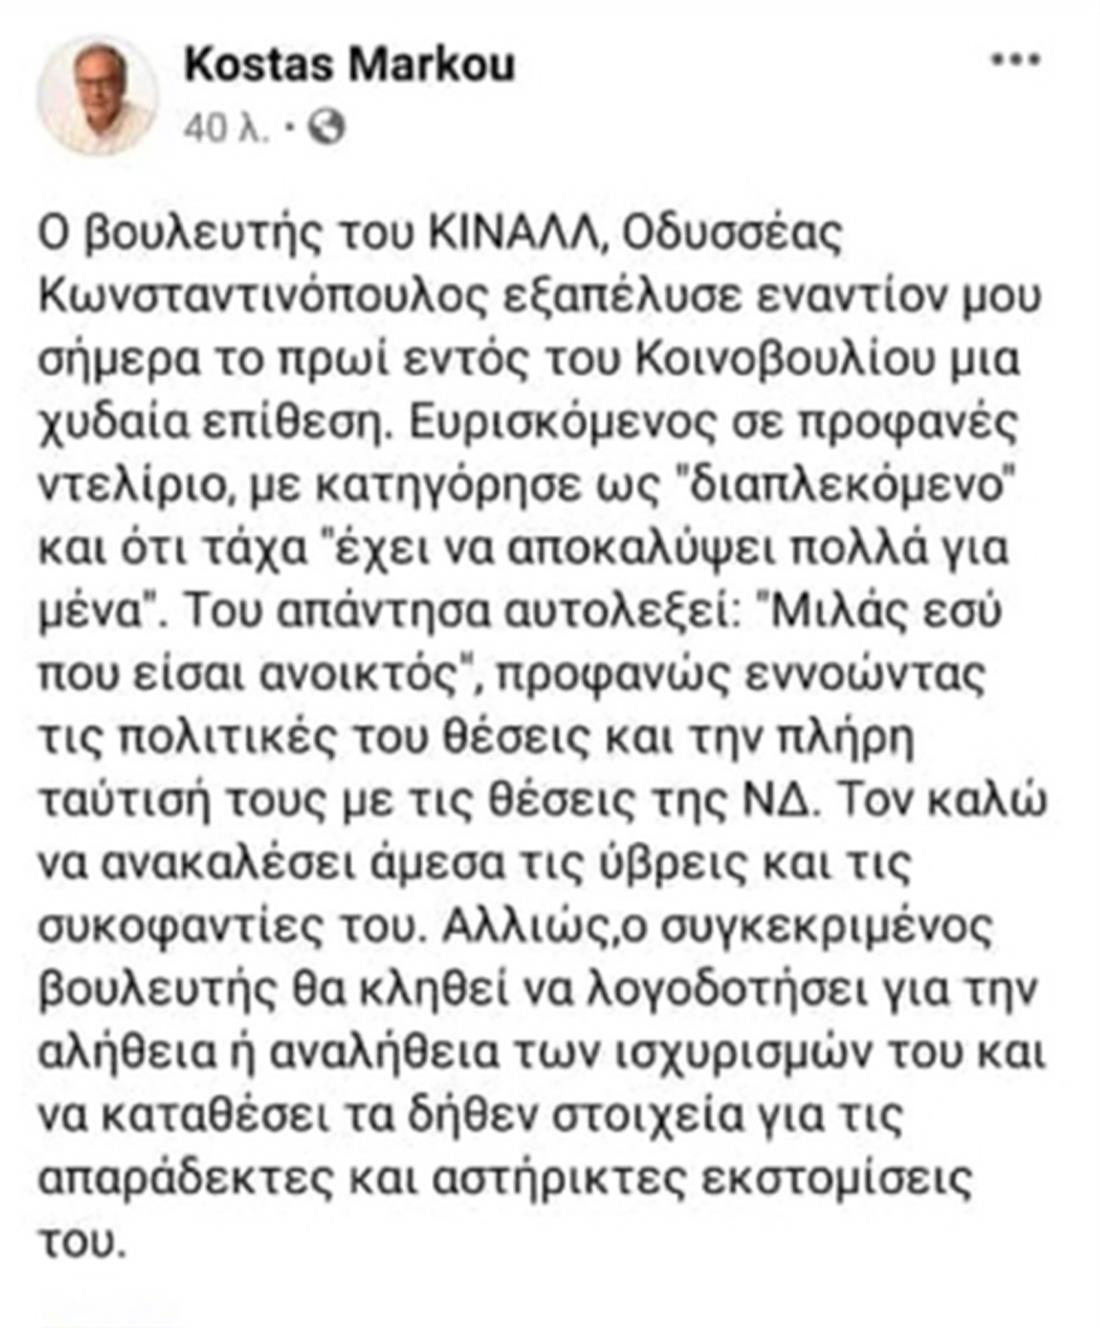 Κώστας Μάρκου - ανάρτηση - Οδυσσέας Κωνσταντινόπουλος